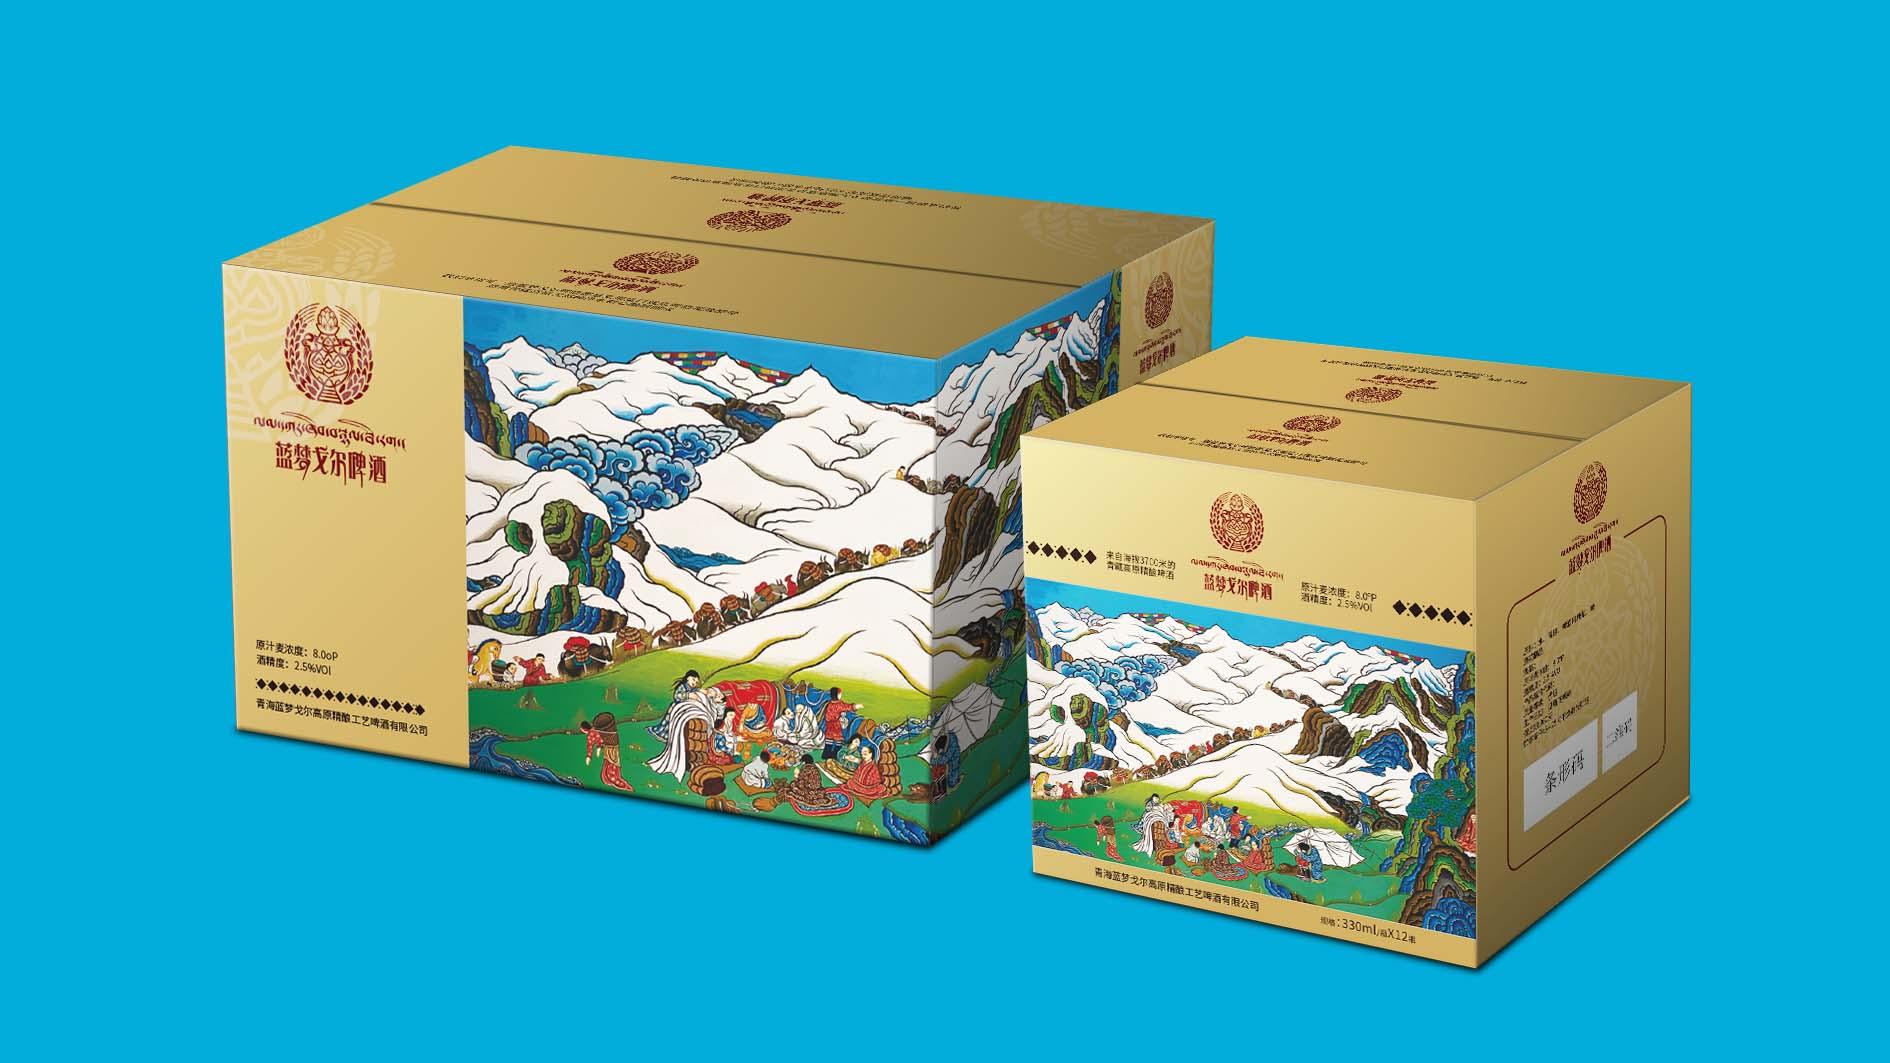 蓝梦戈尔啤酒品牌包装延展乐天堂fun88备用网站